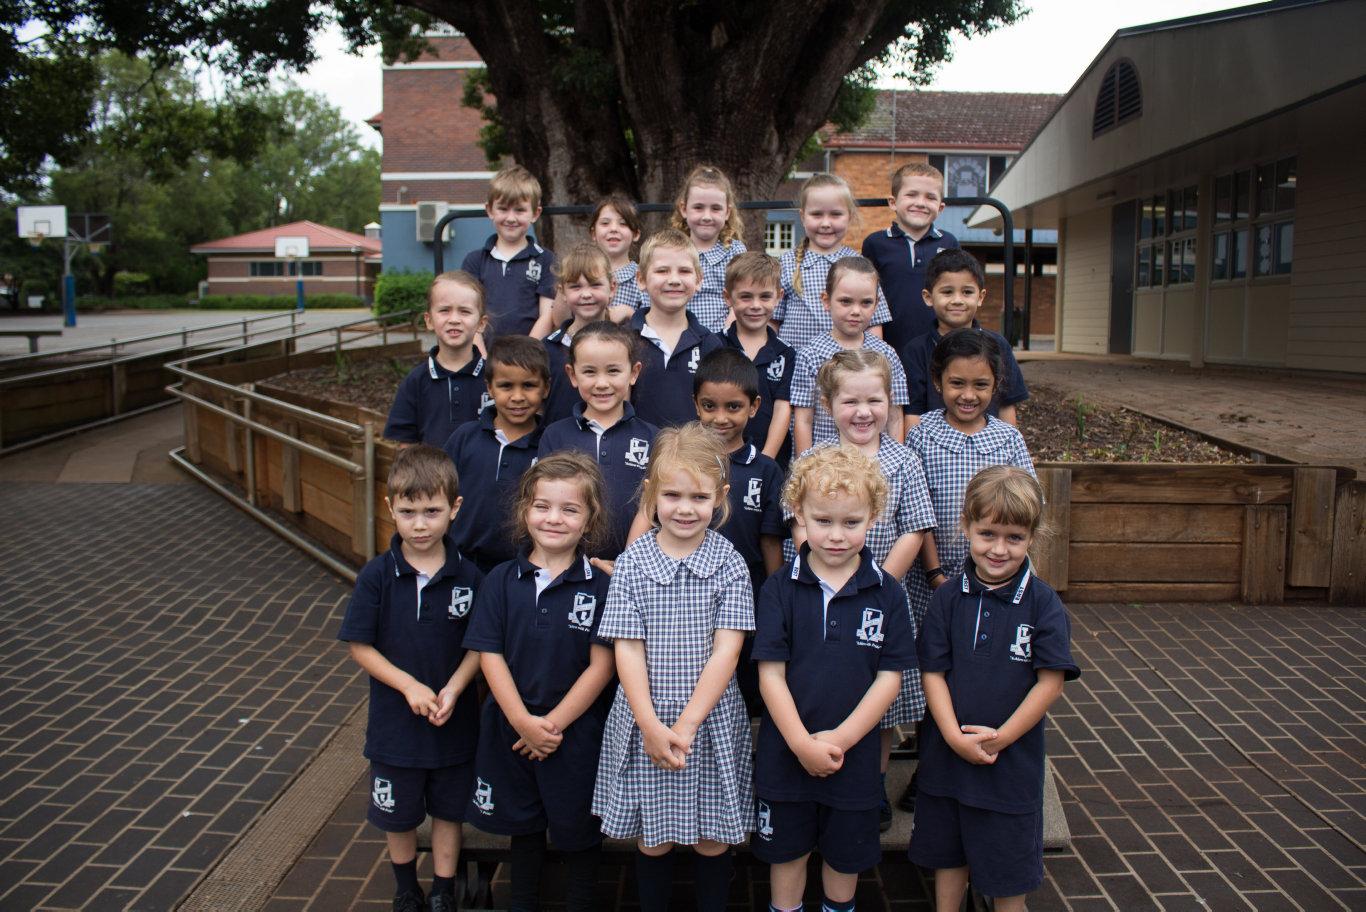 My First Year 2018: Toowoomba East State School - prep E. February 2018